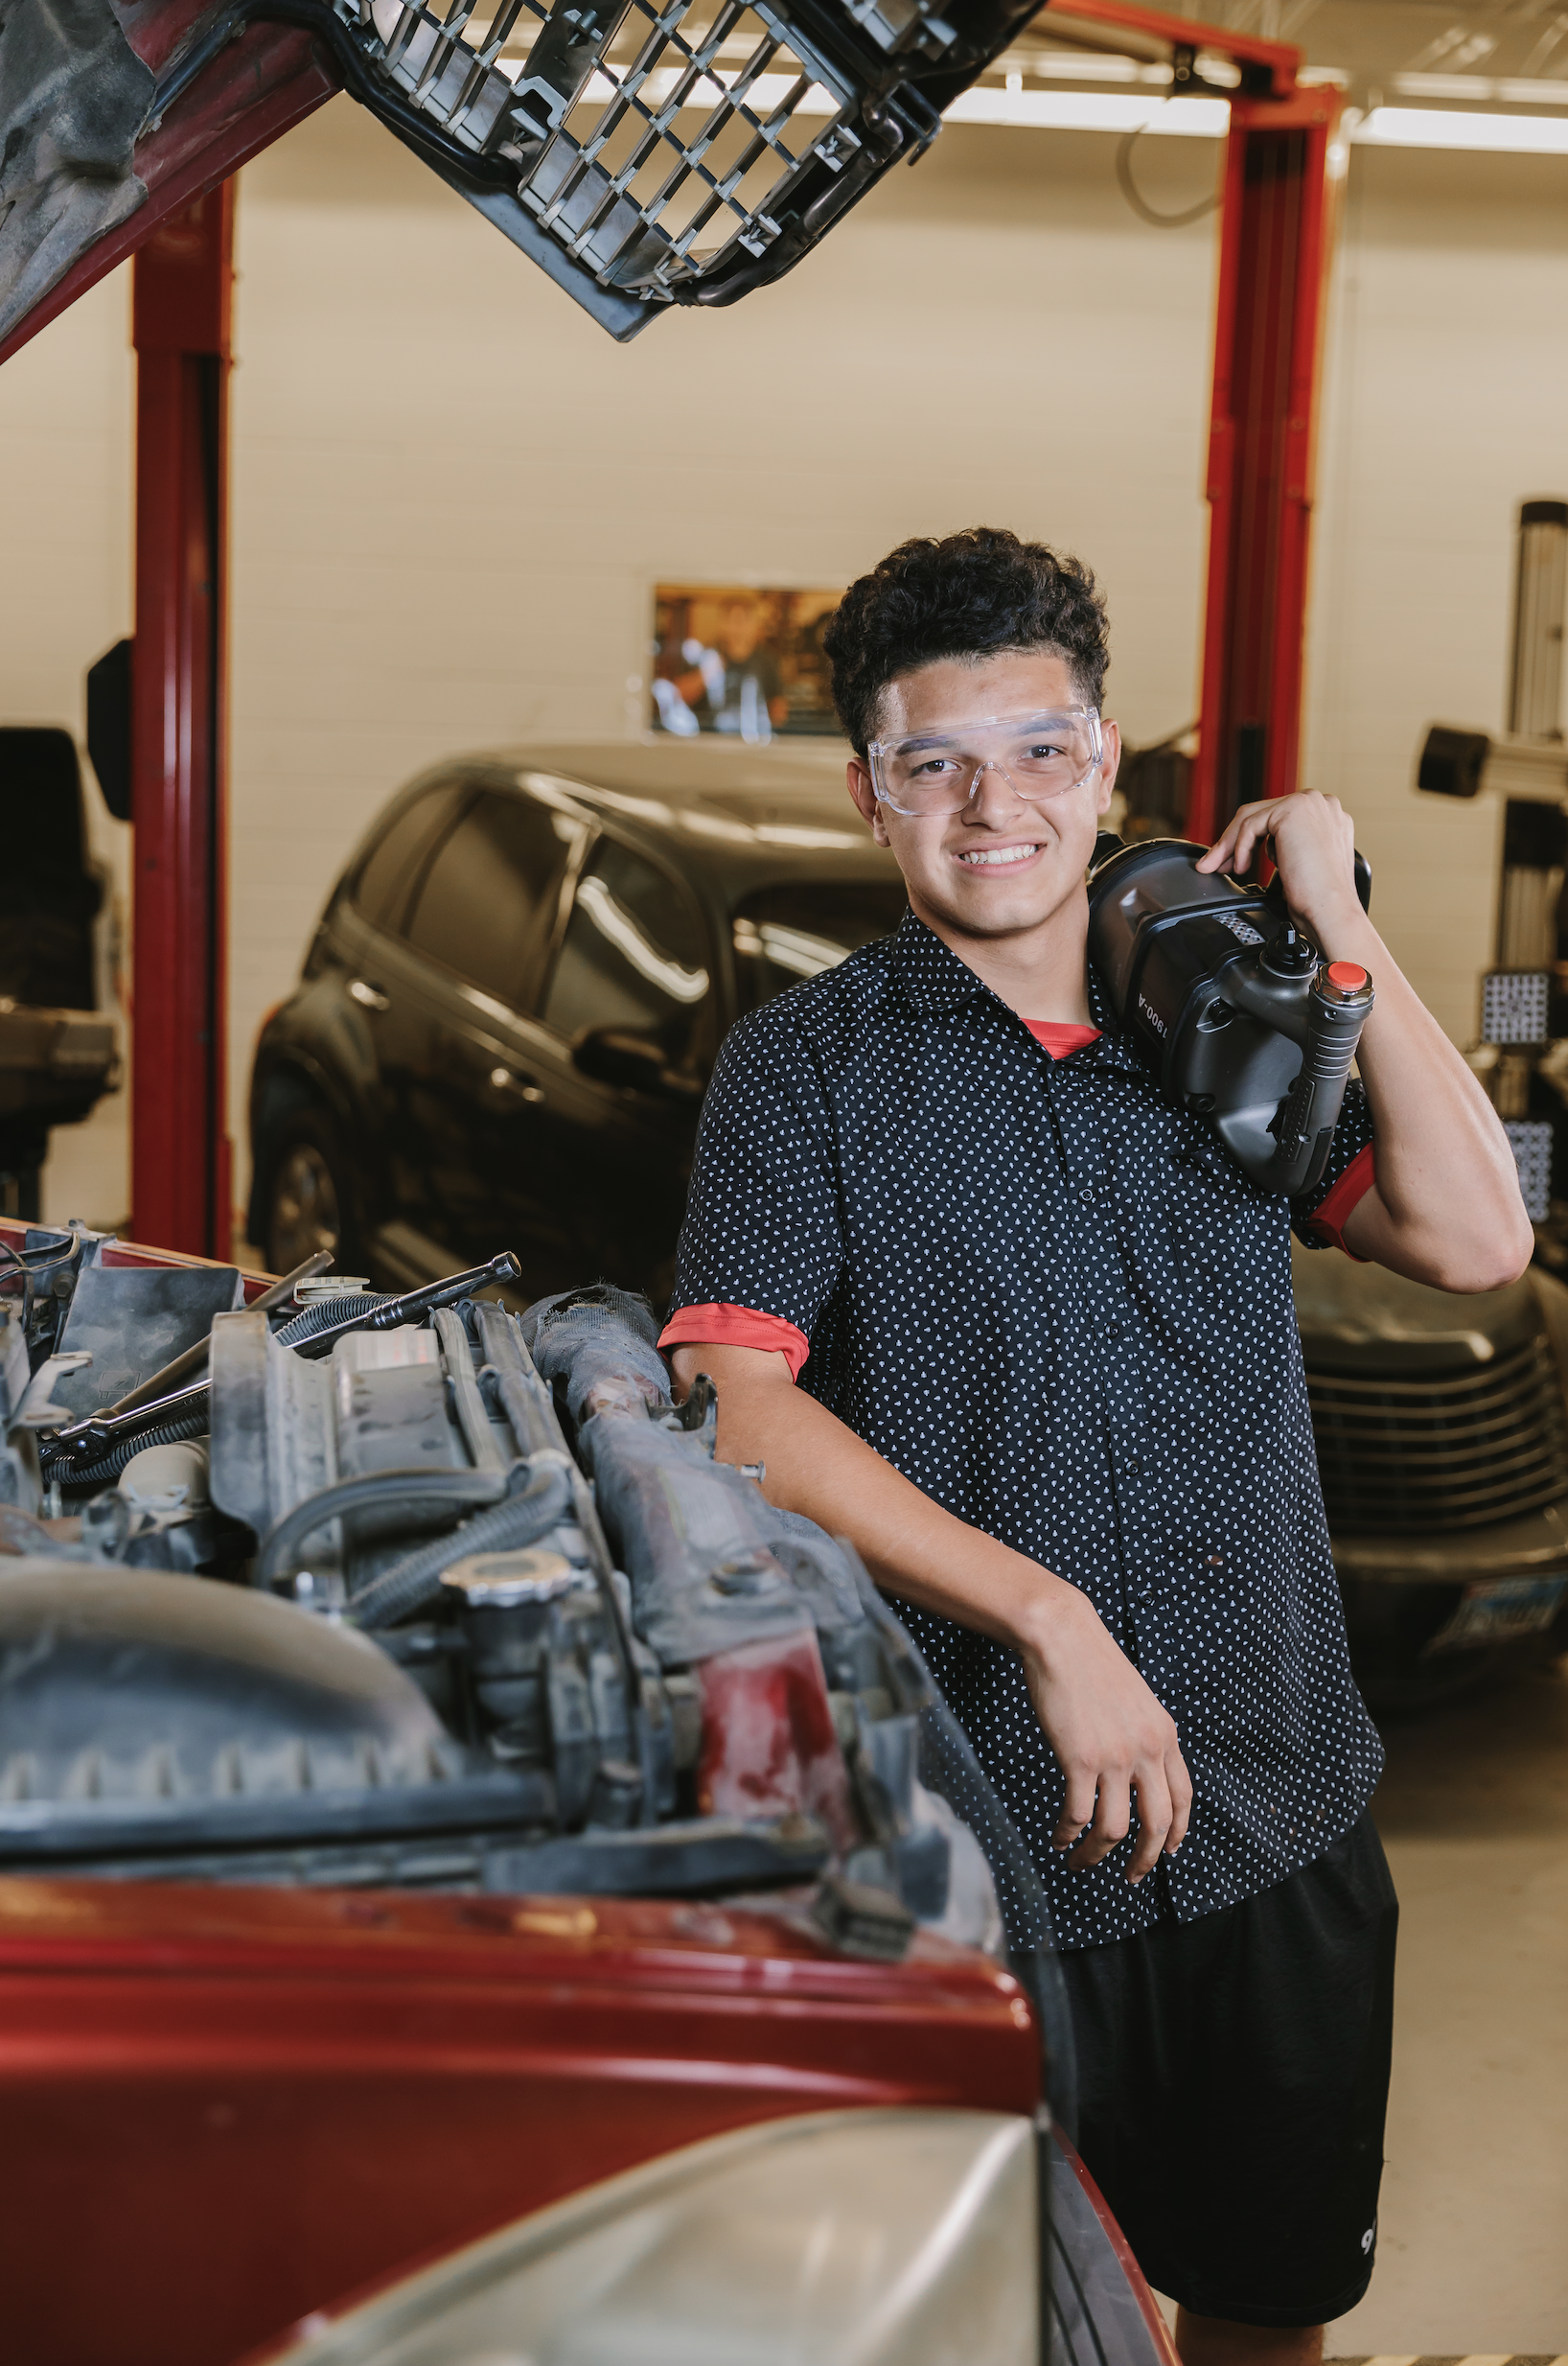 Cursos Intensivos: Los estudiantes reparan y restauran vehículos en la Academia de Capacitación Automotriz.